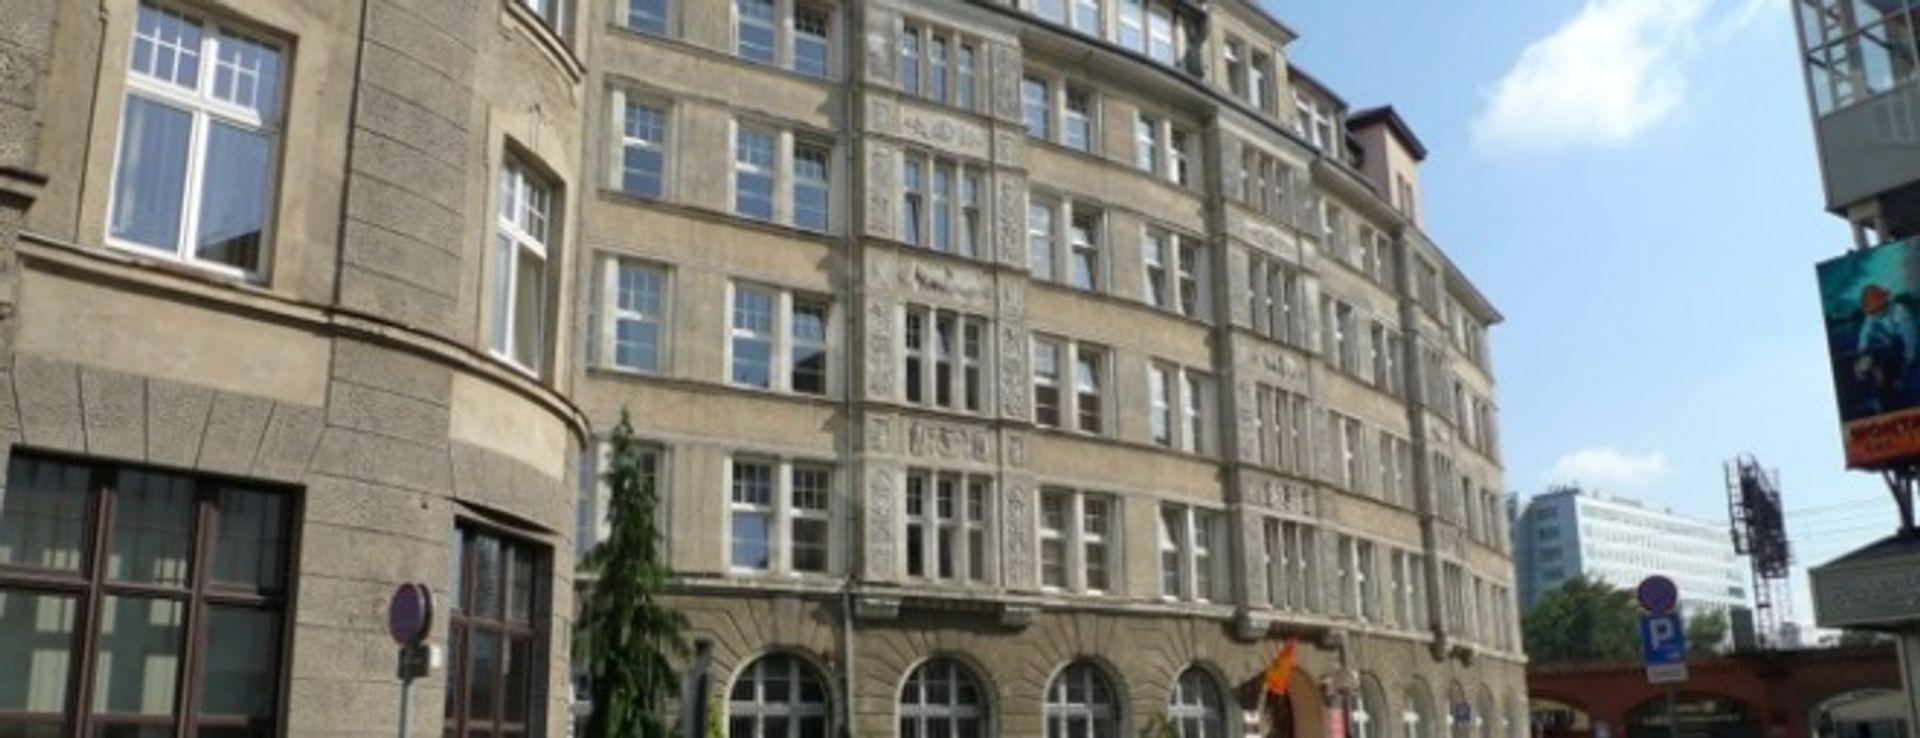 [Wrocław] Nowe okienka w urzędzie na Zapolskiej, który będzie sprzedany